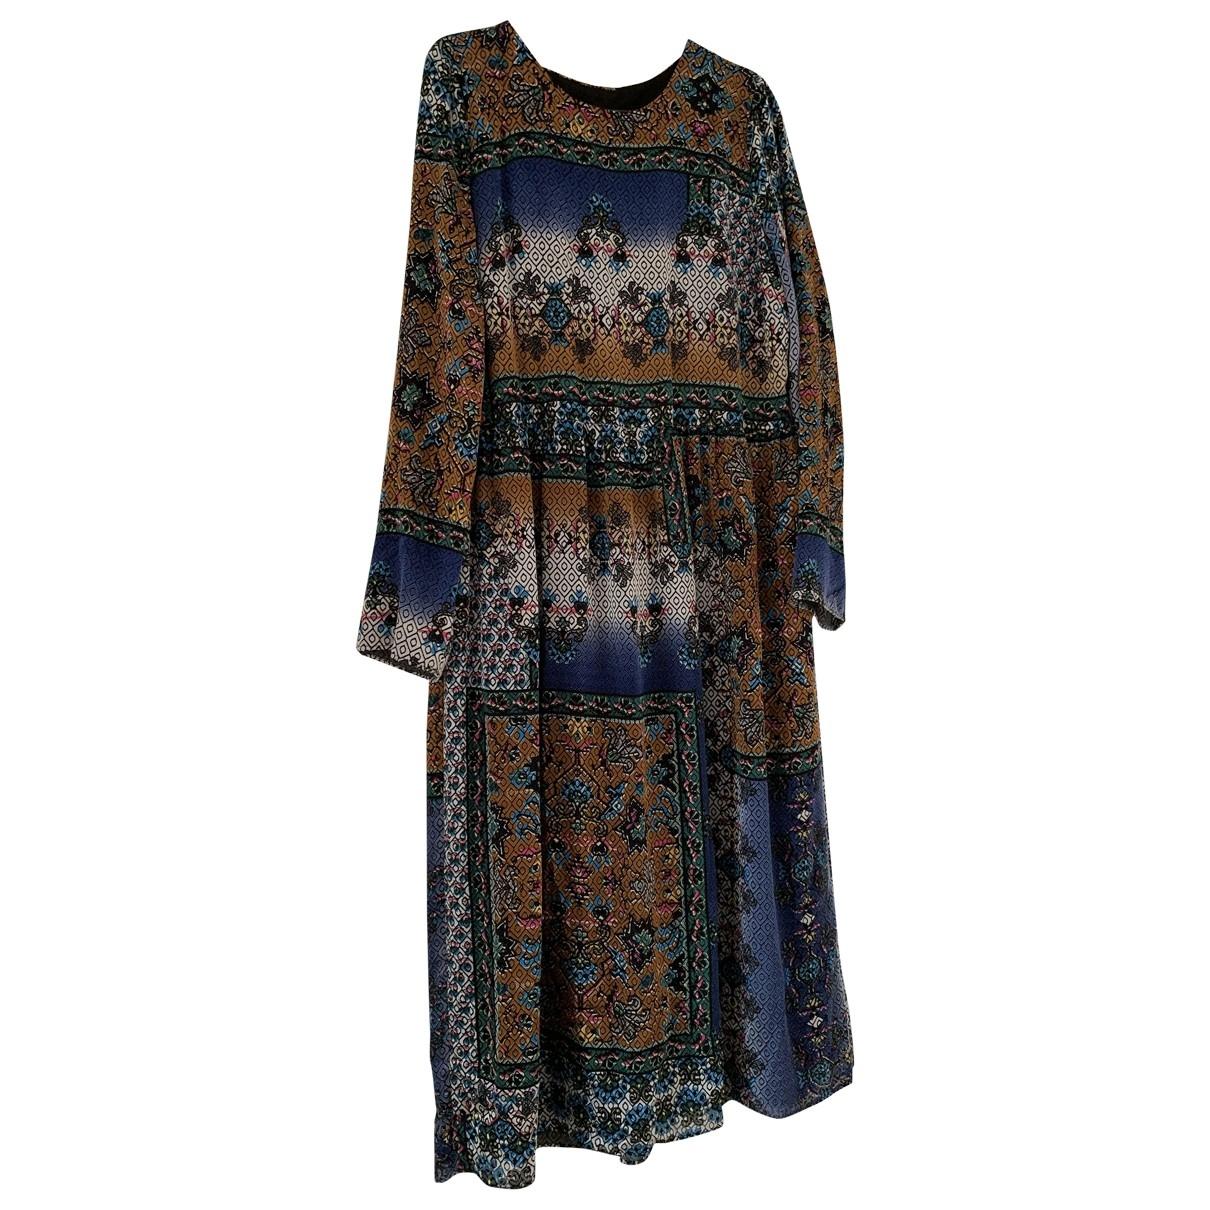 Zara \N Kleid in Synthetik